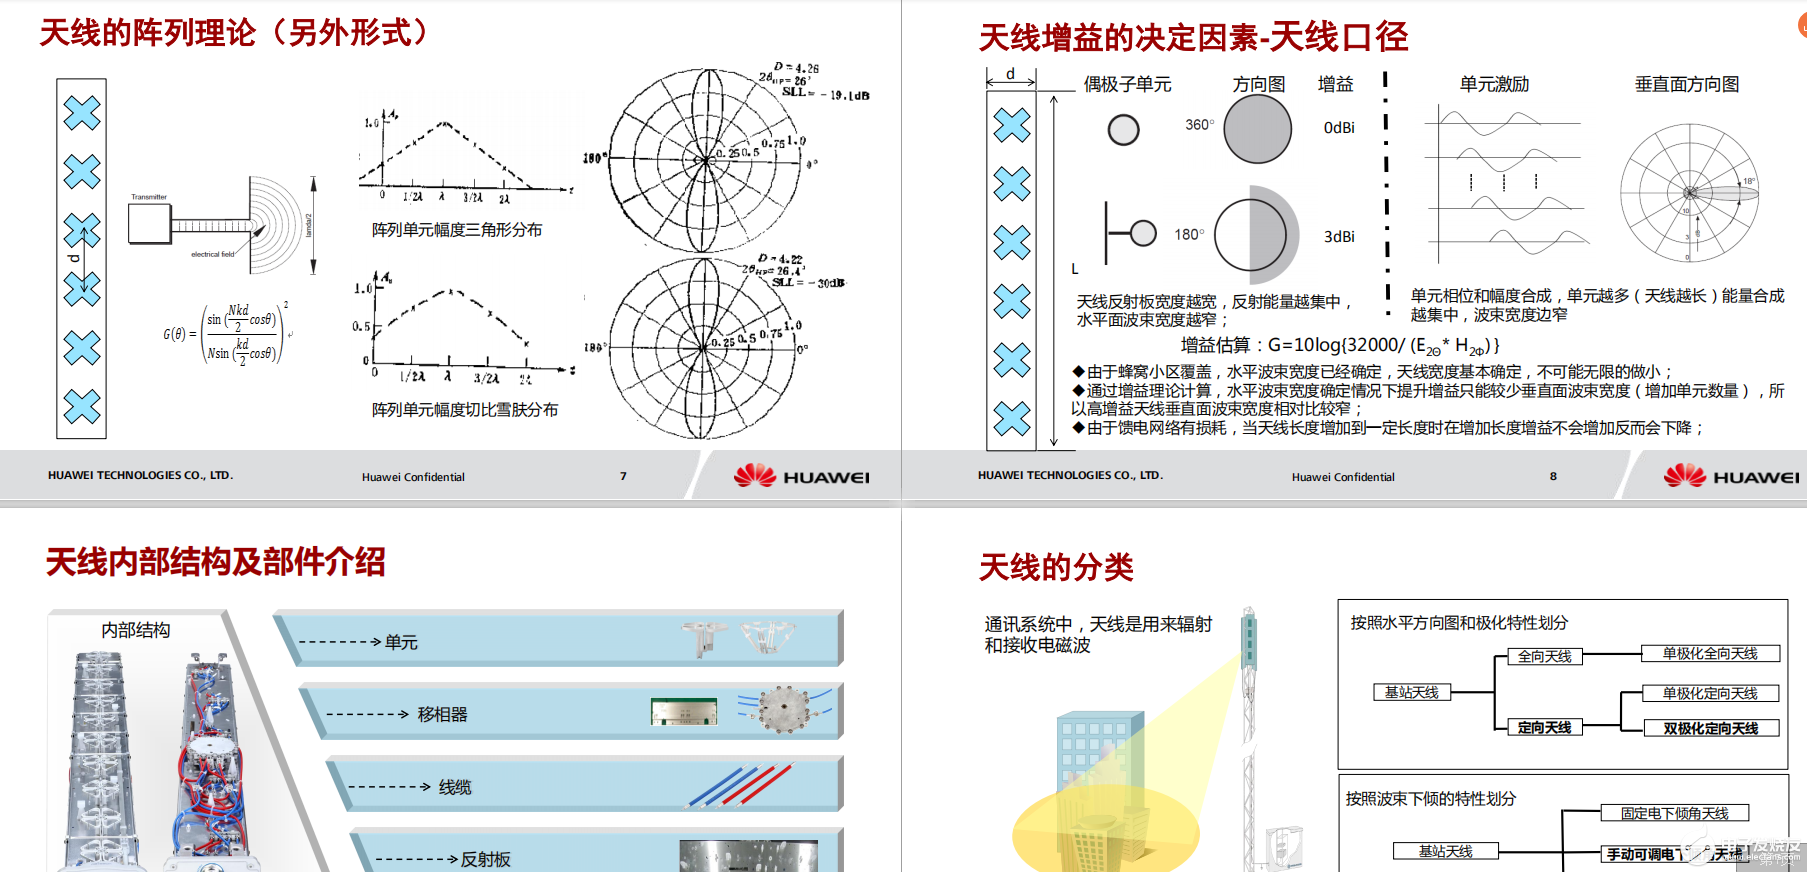 【分享】分享三个华为内部资料~防护电路+天线基础+硬件~